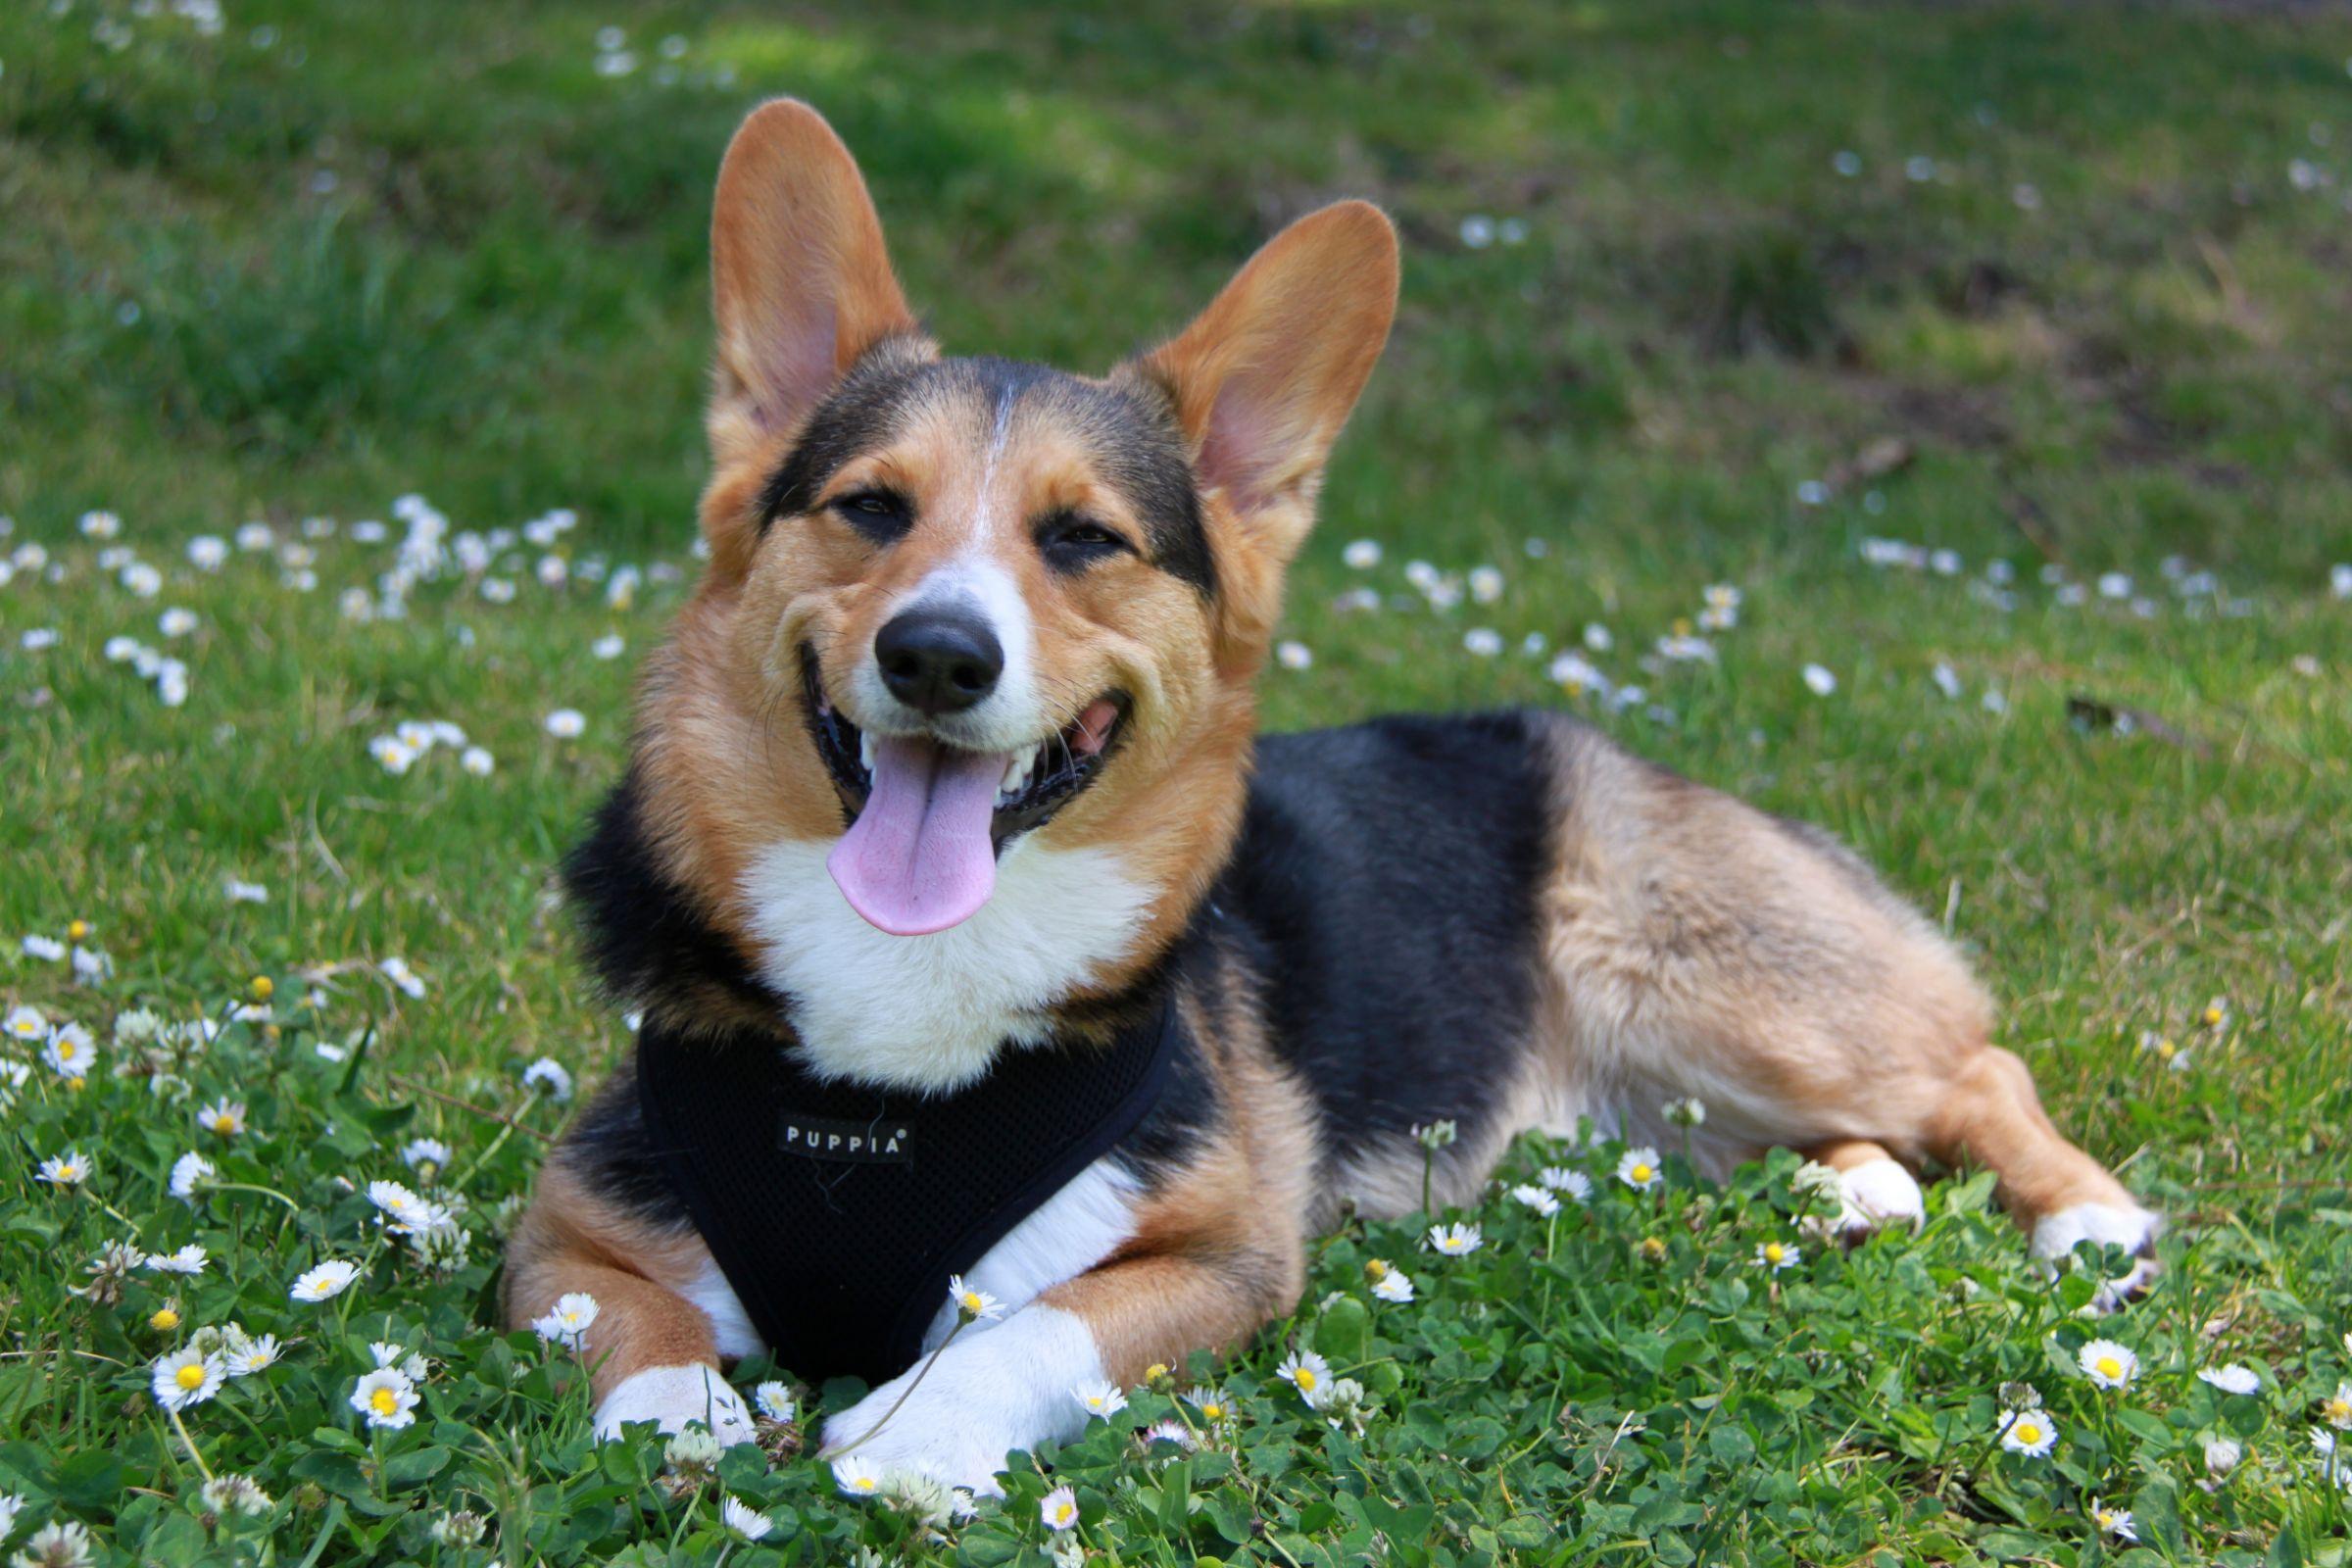 Pembroke Welsh Corgi Information Dog Breeds At Dogthelove